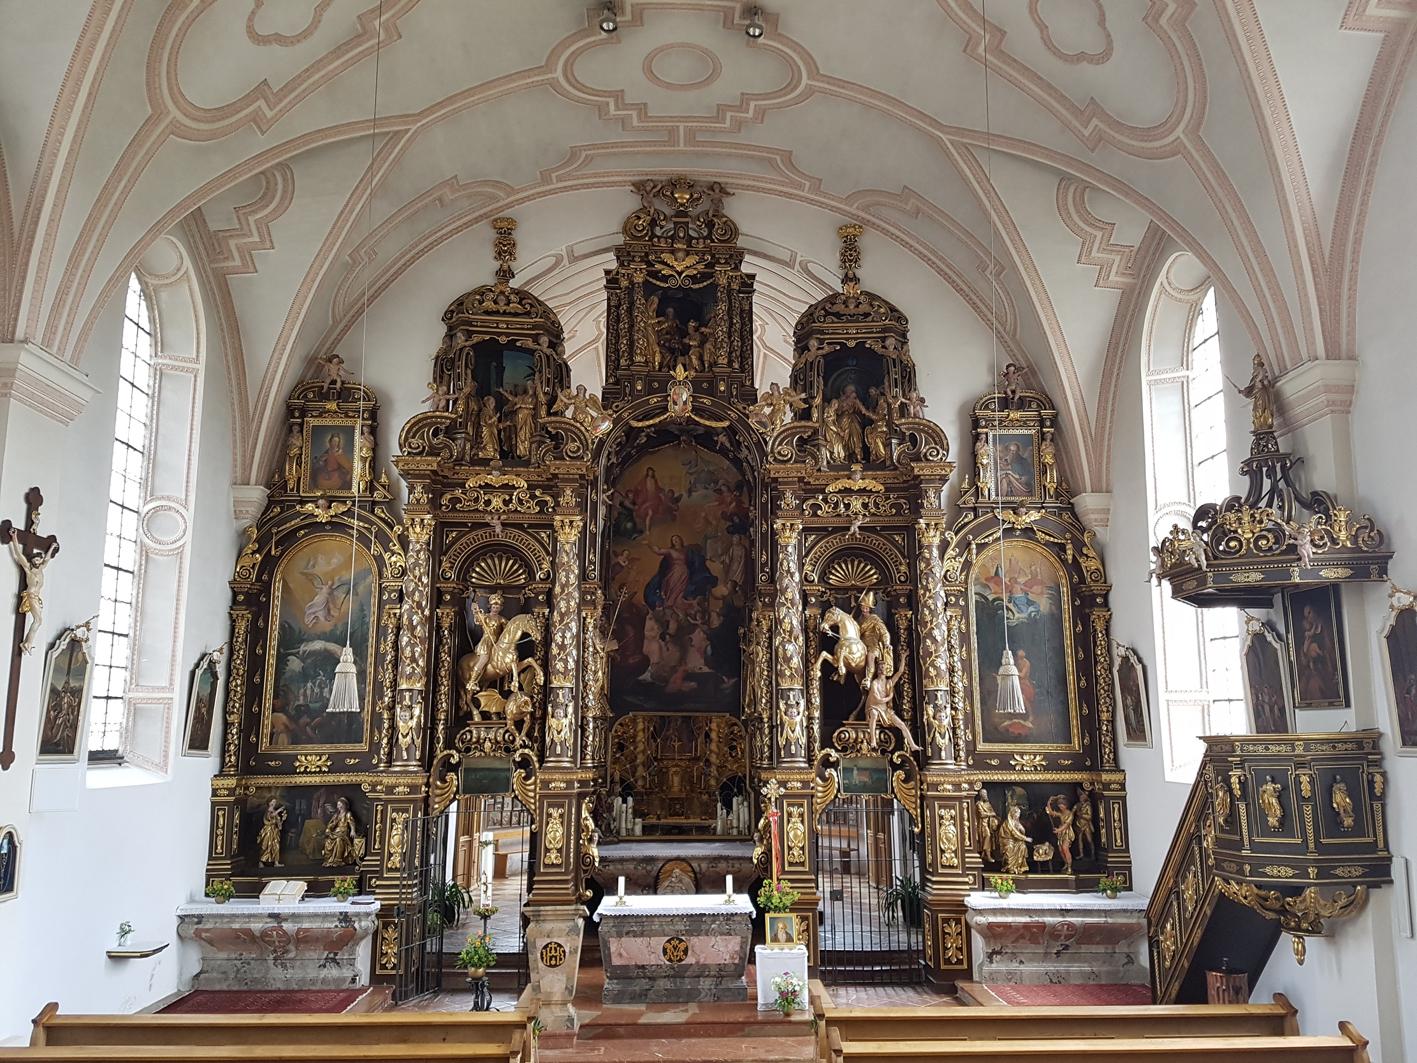 2021 03 22 aoelfb wallfahrtskirche sammarei altar